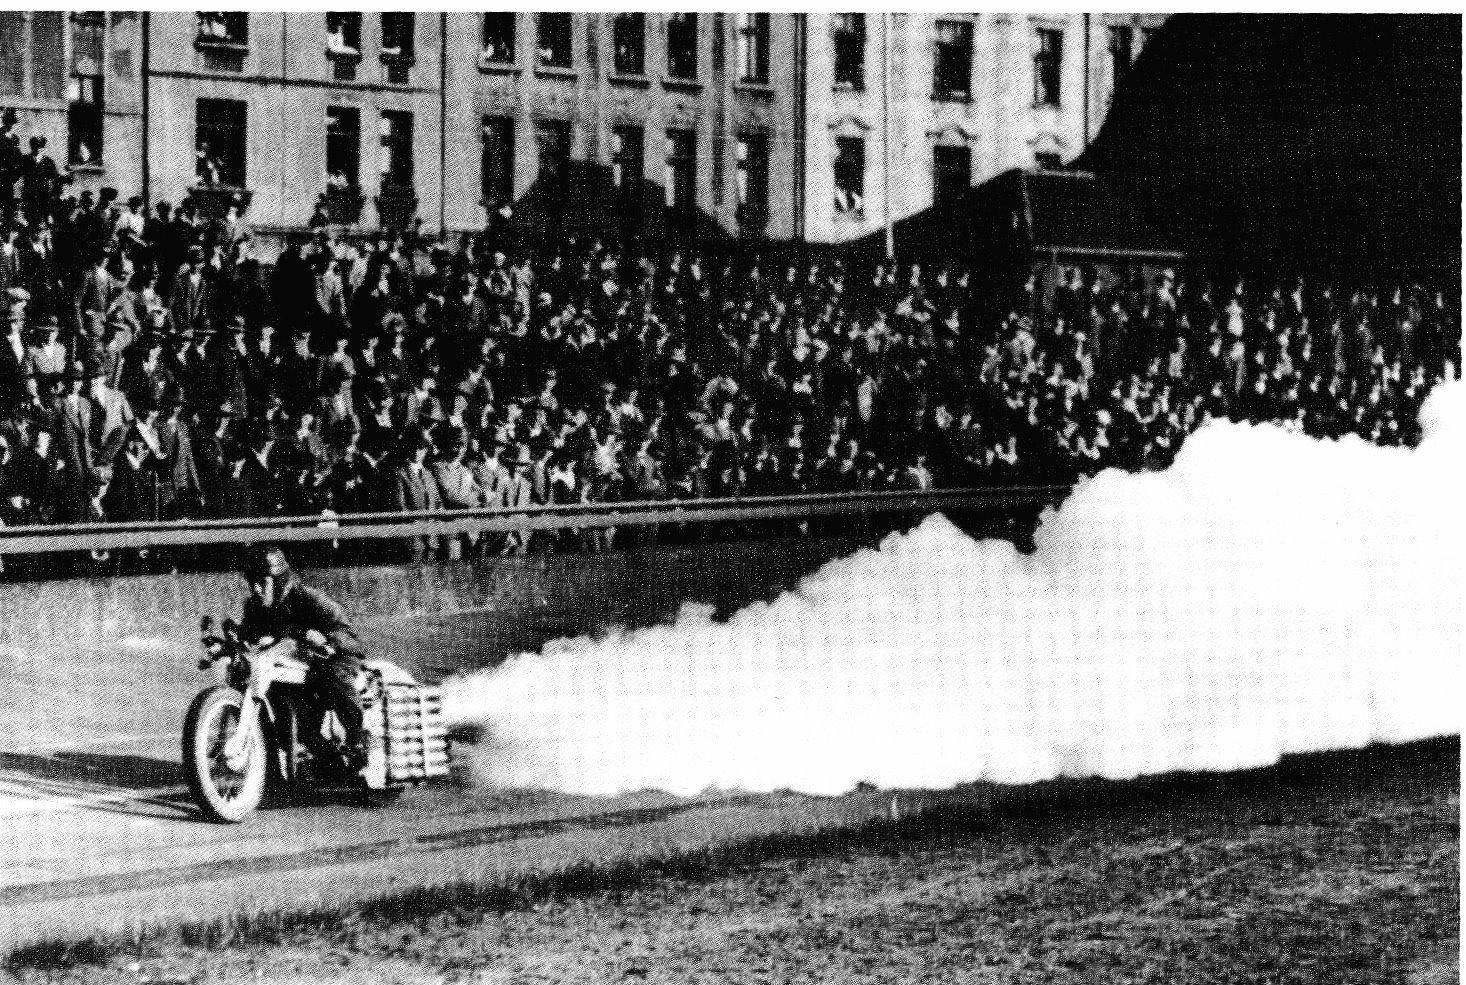 Fritz-Von-Opel-Rocket-Motorcycle-2.jpg